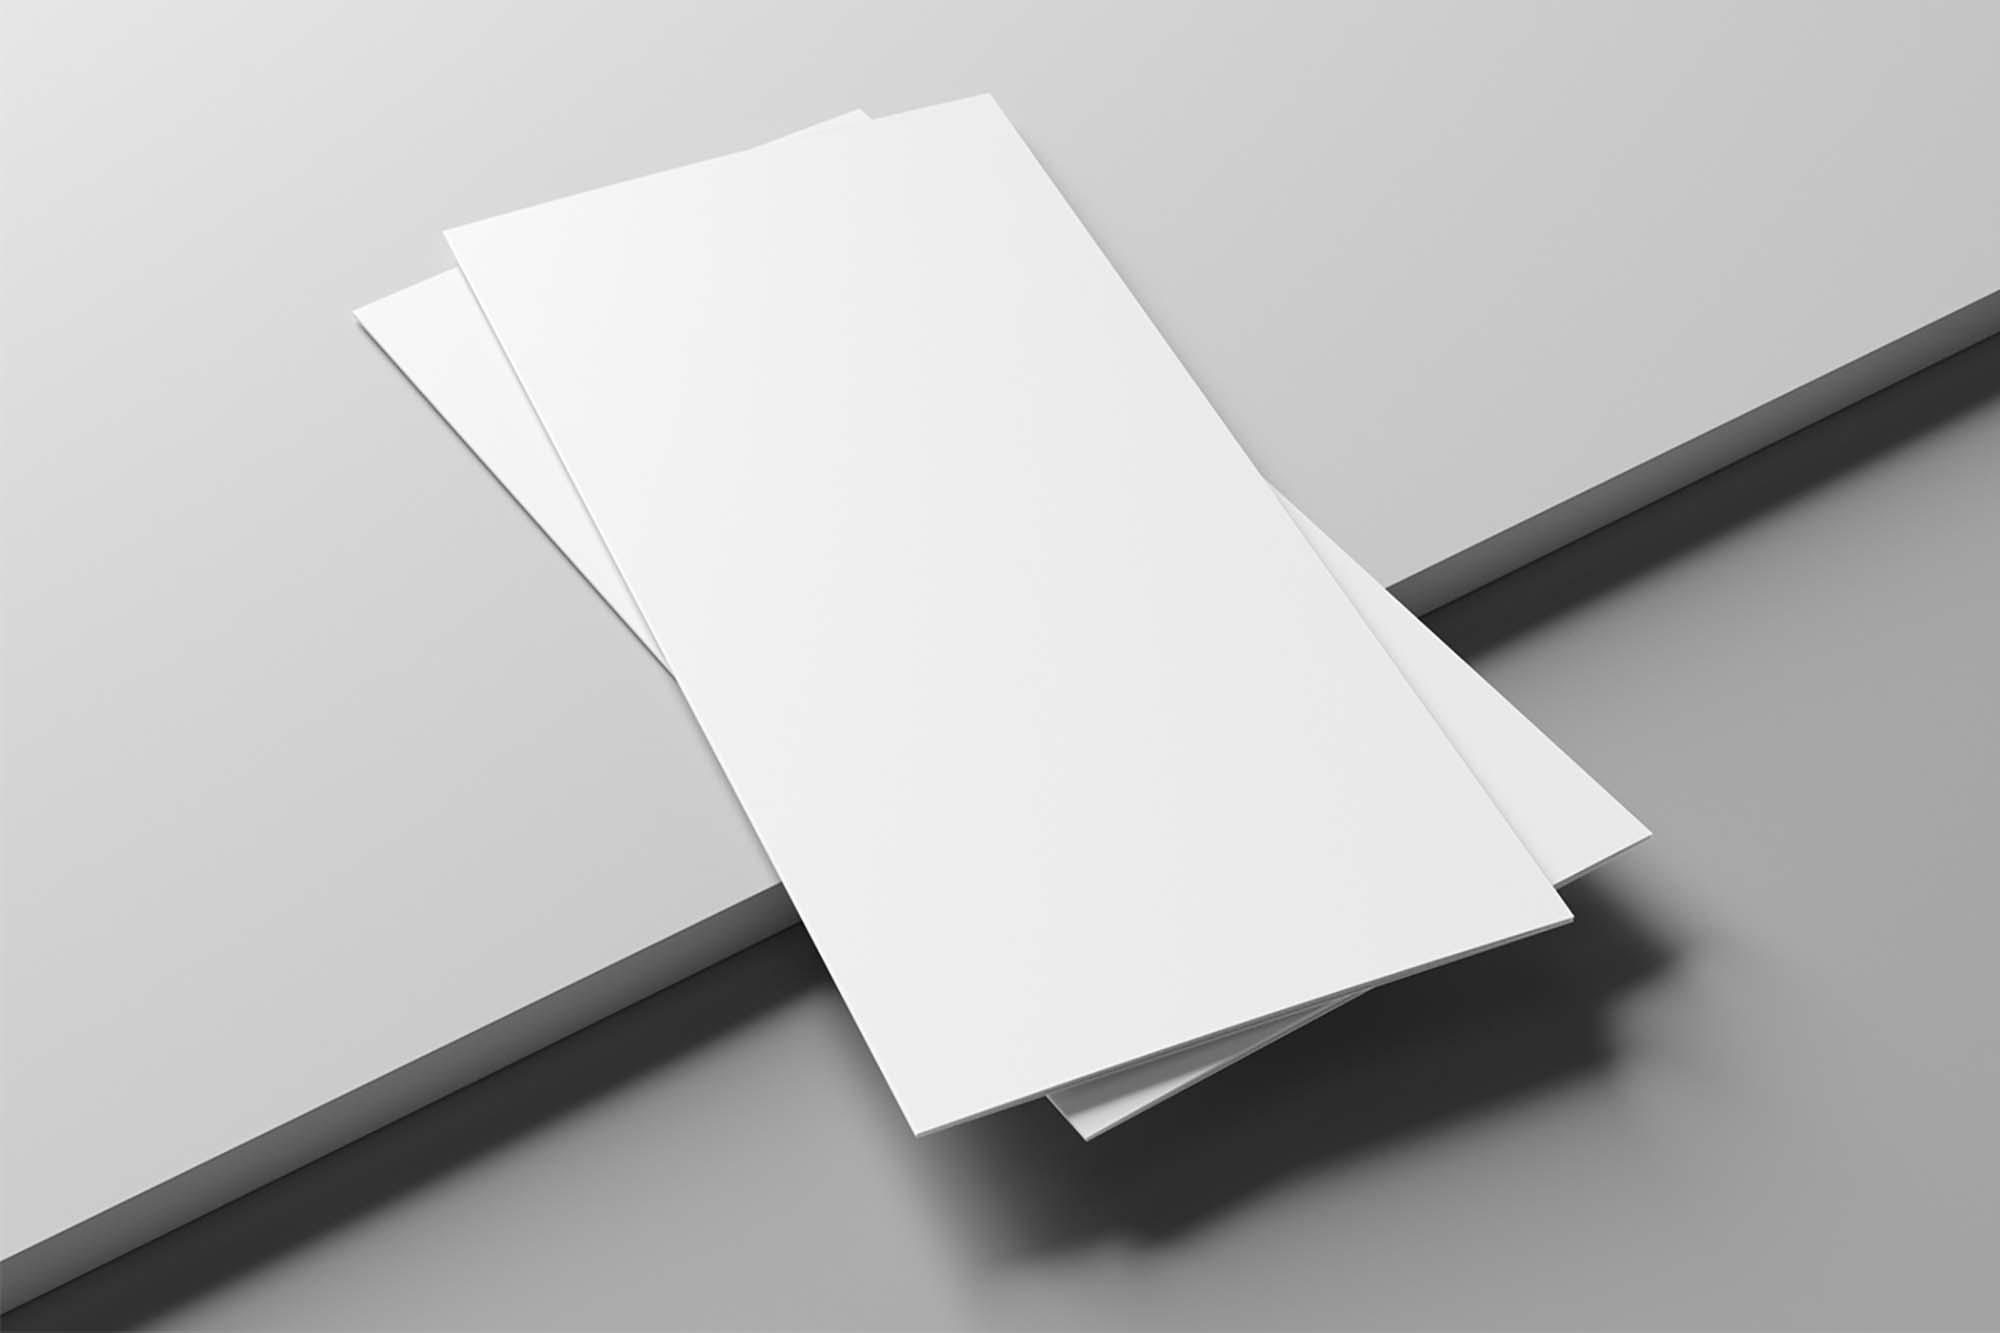 2 Trifold Brochure Mockups 2